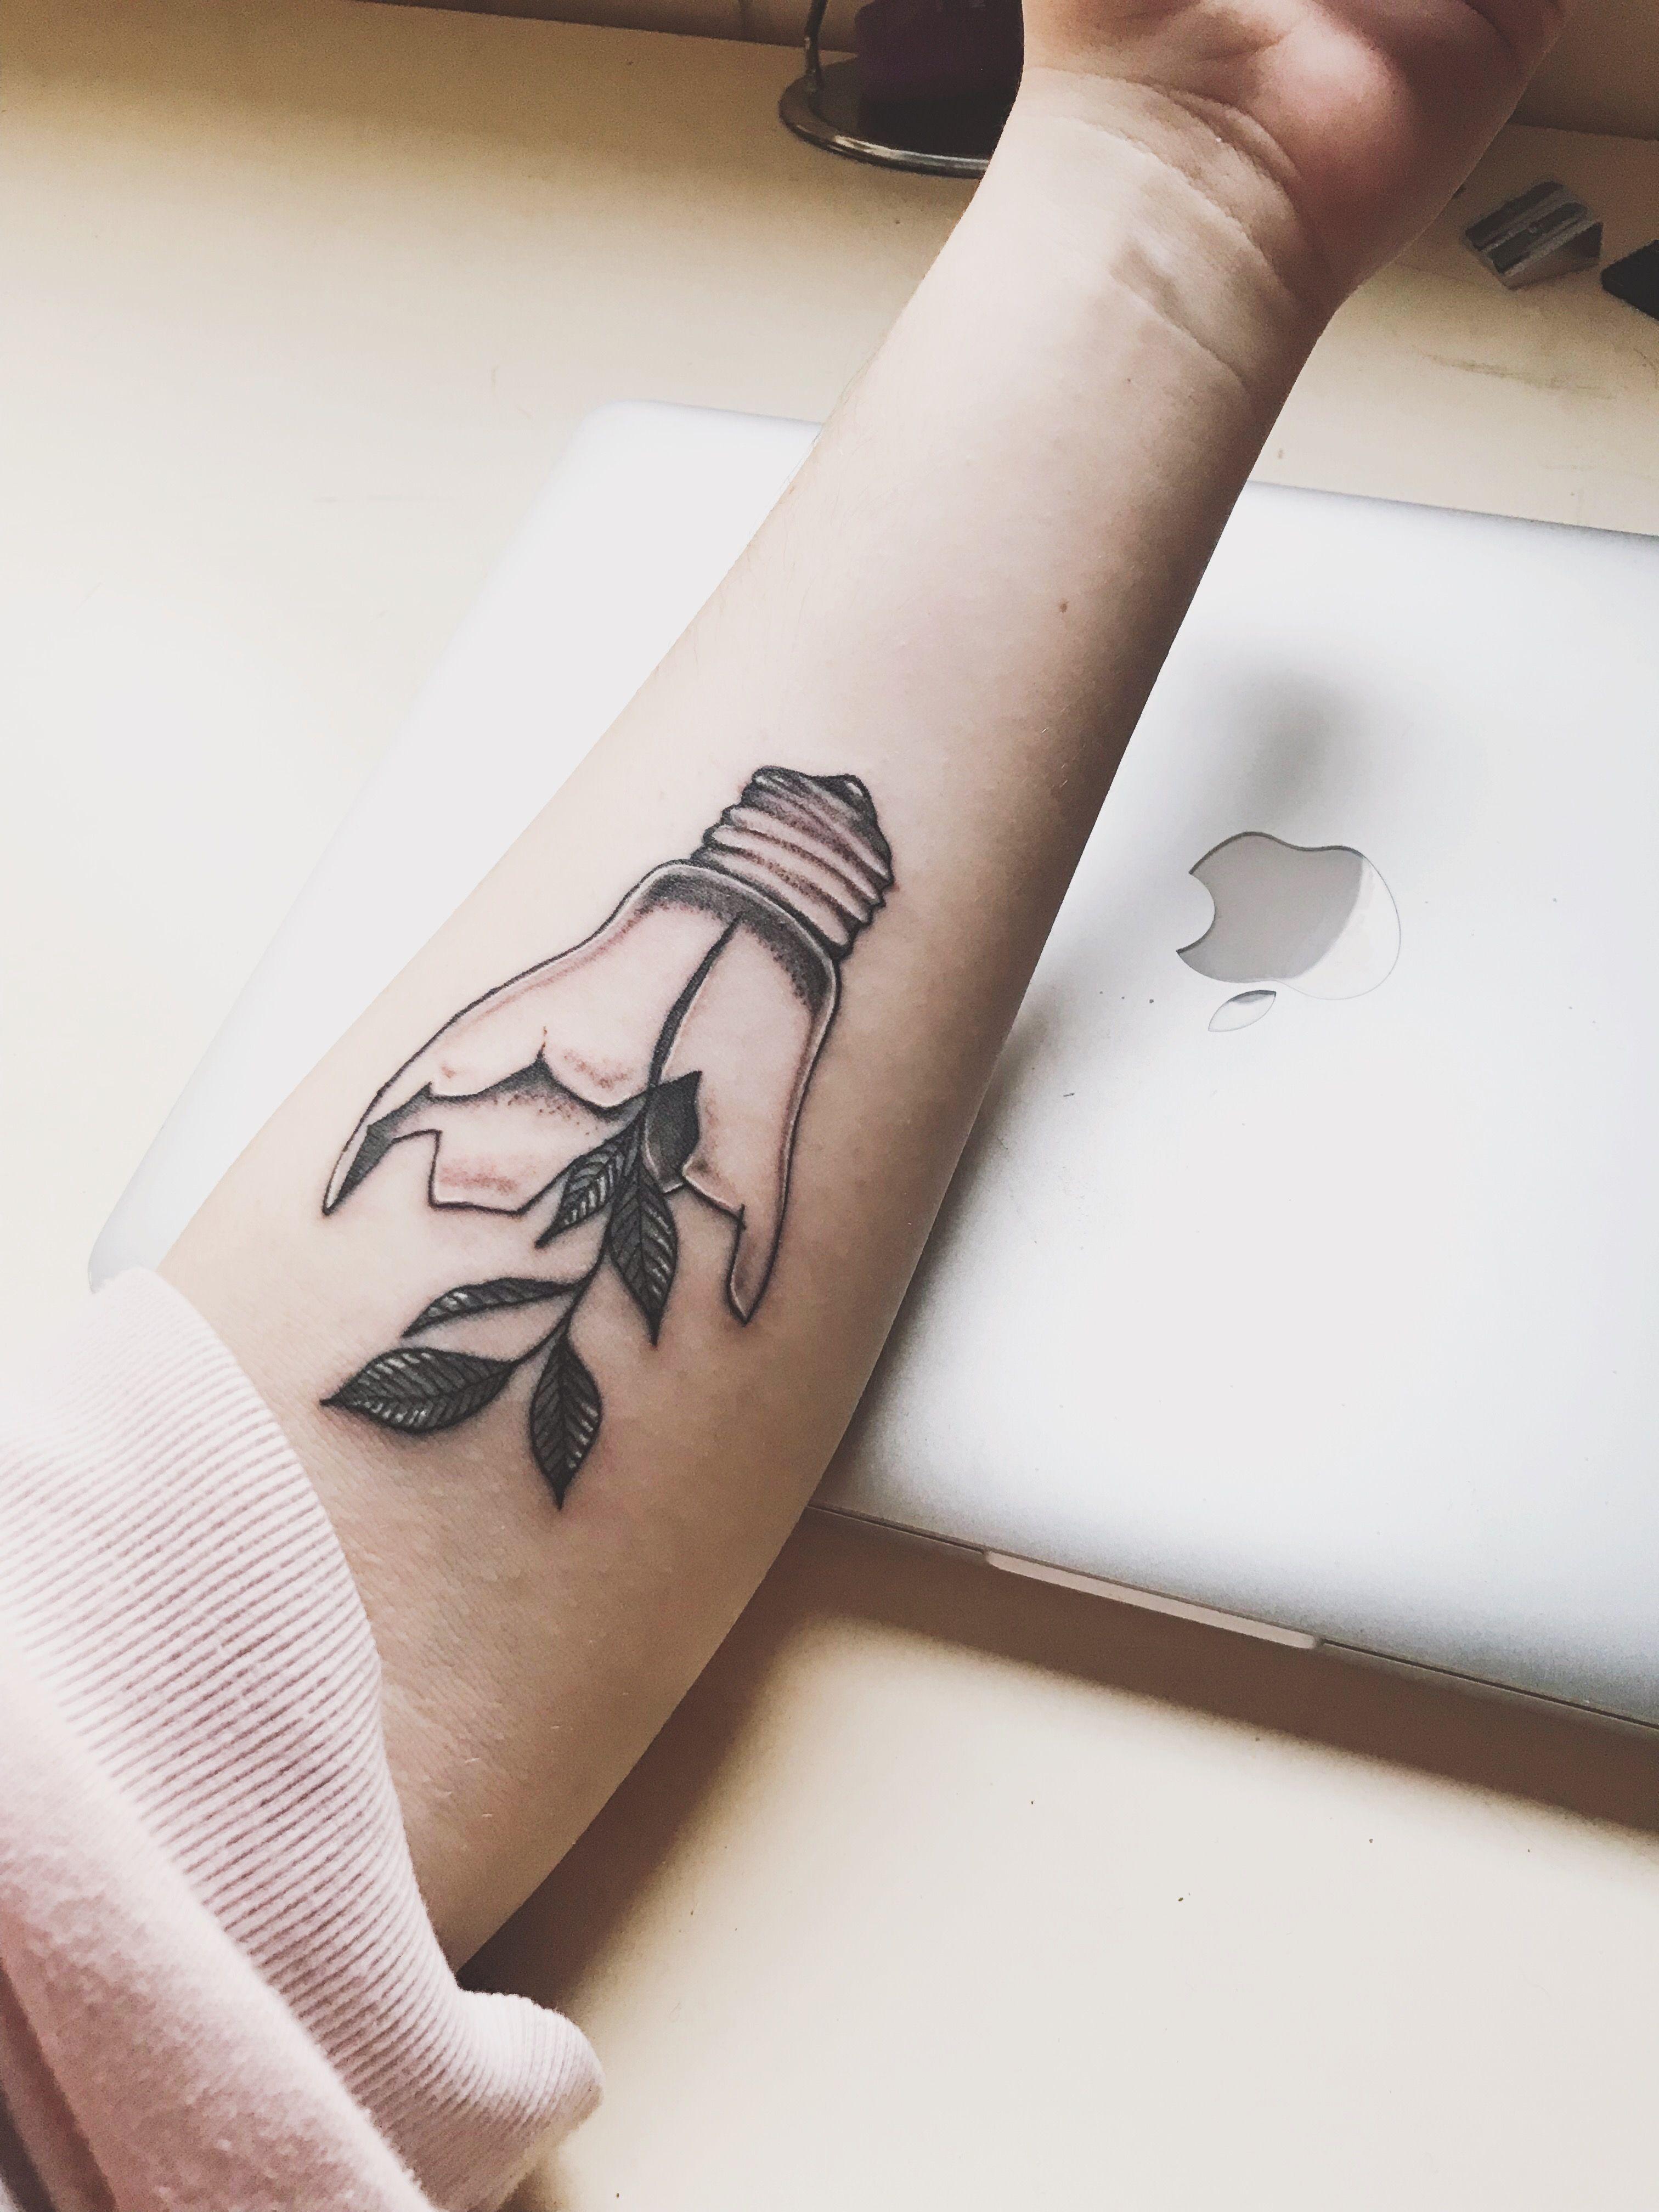 Bombilla Light Bulb Tatuaje Tattoo Bombilla Tattoo Tatuajes Tattoodesign Tattooidea Idea Lightbulb Tattoo Tattoos Cover Up Tattoos